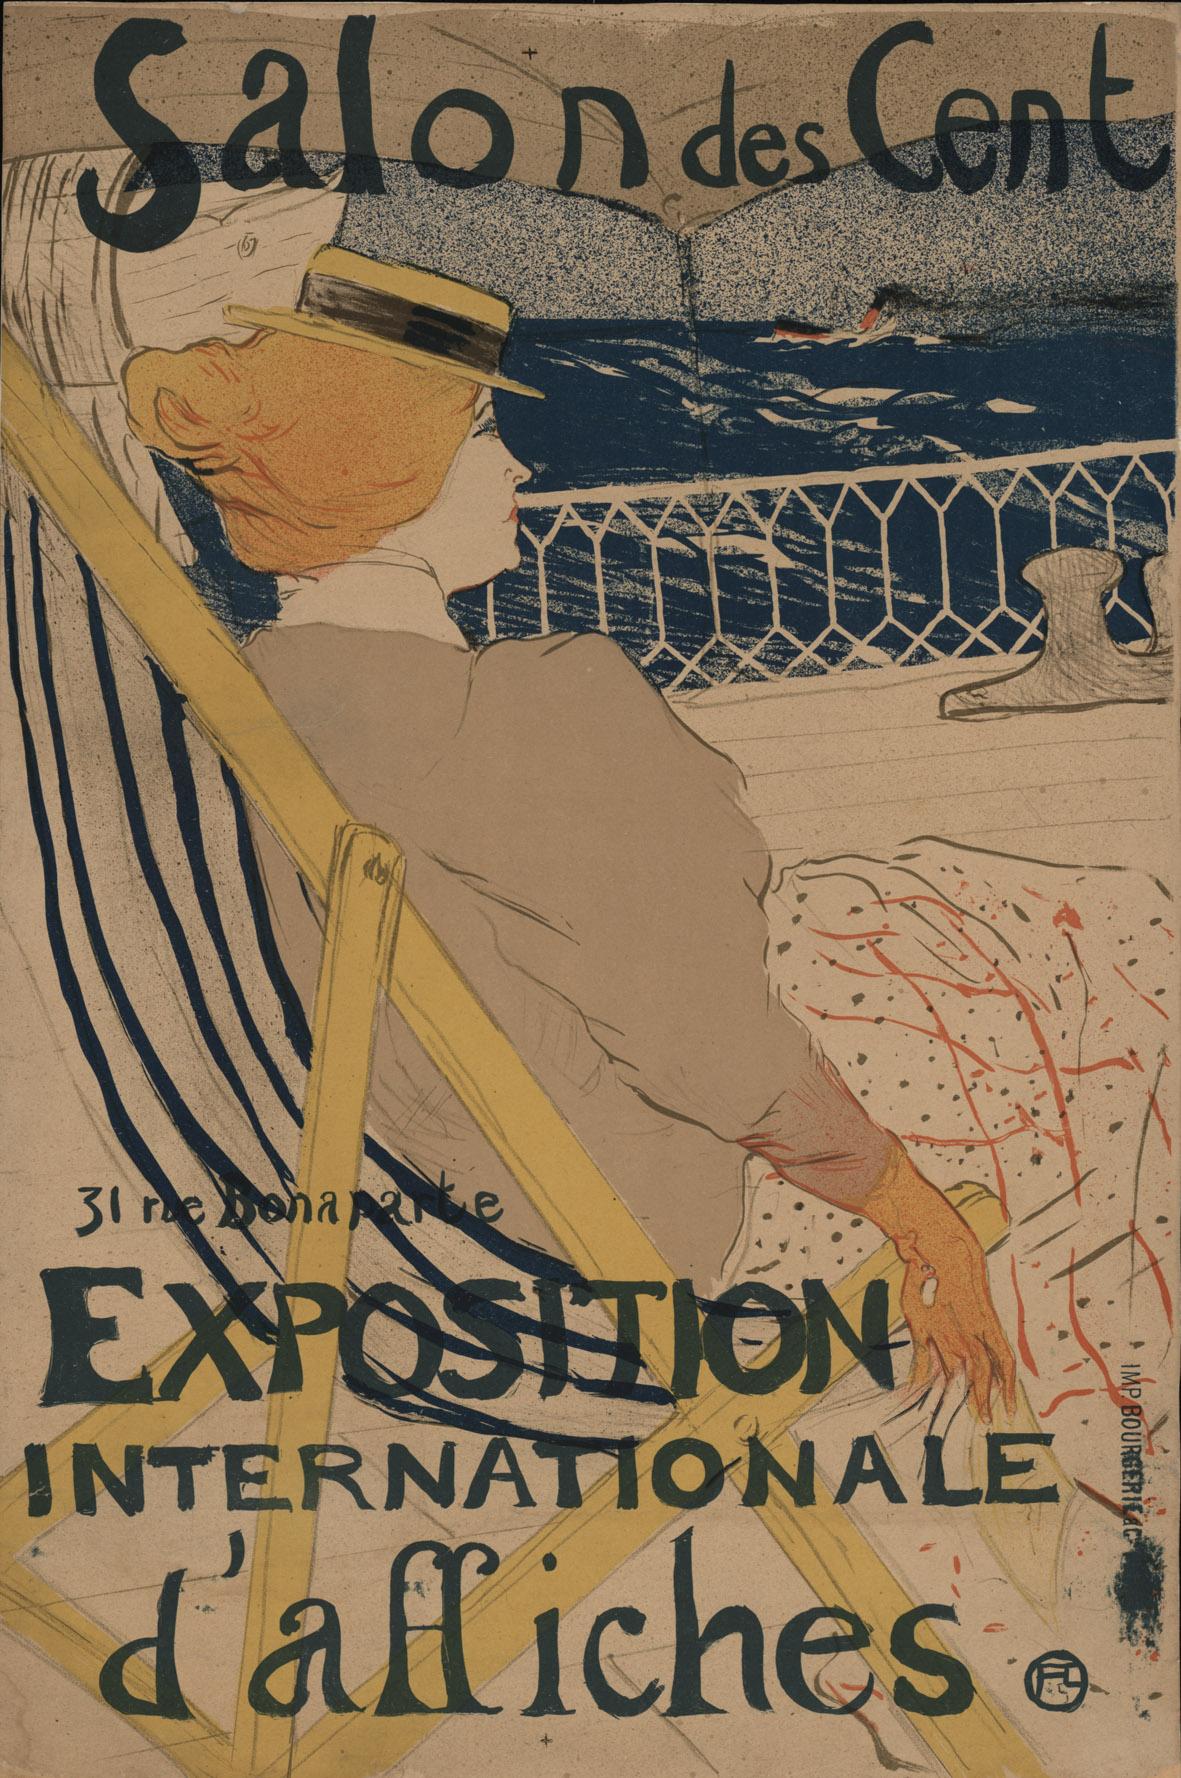 Henri de Toulouse-Lautrec (1864–1901) Salon des Cent: Exposition Internationale d'Affiches, 1896 Druckerei: Paris, Impr. Bourgerie & Co. Drucktechnik: Lithografie © MAK